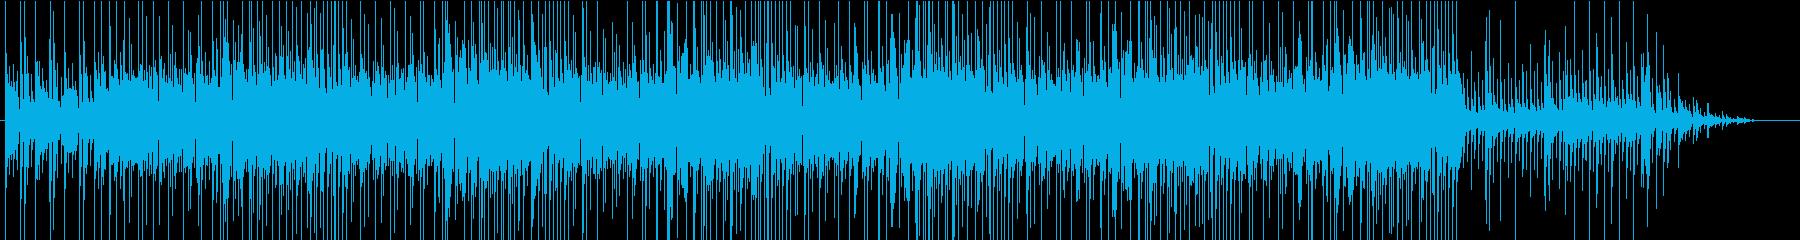 生三線で奏でる沖縄民謡/仲順流りの再生済みの波形